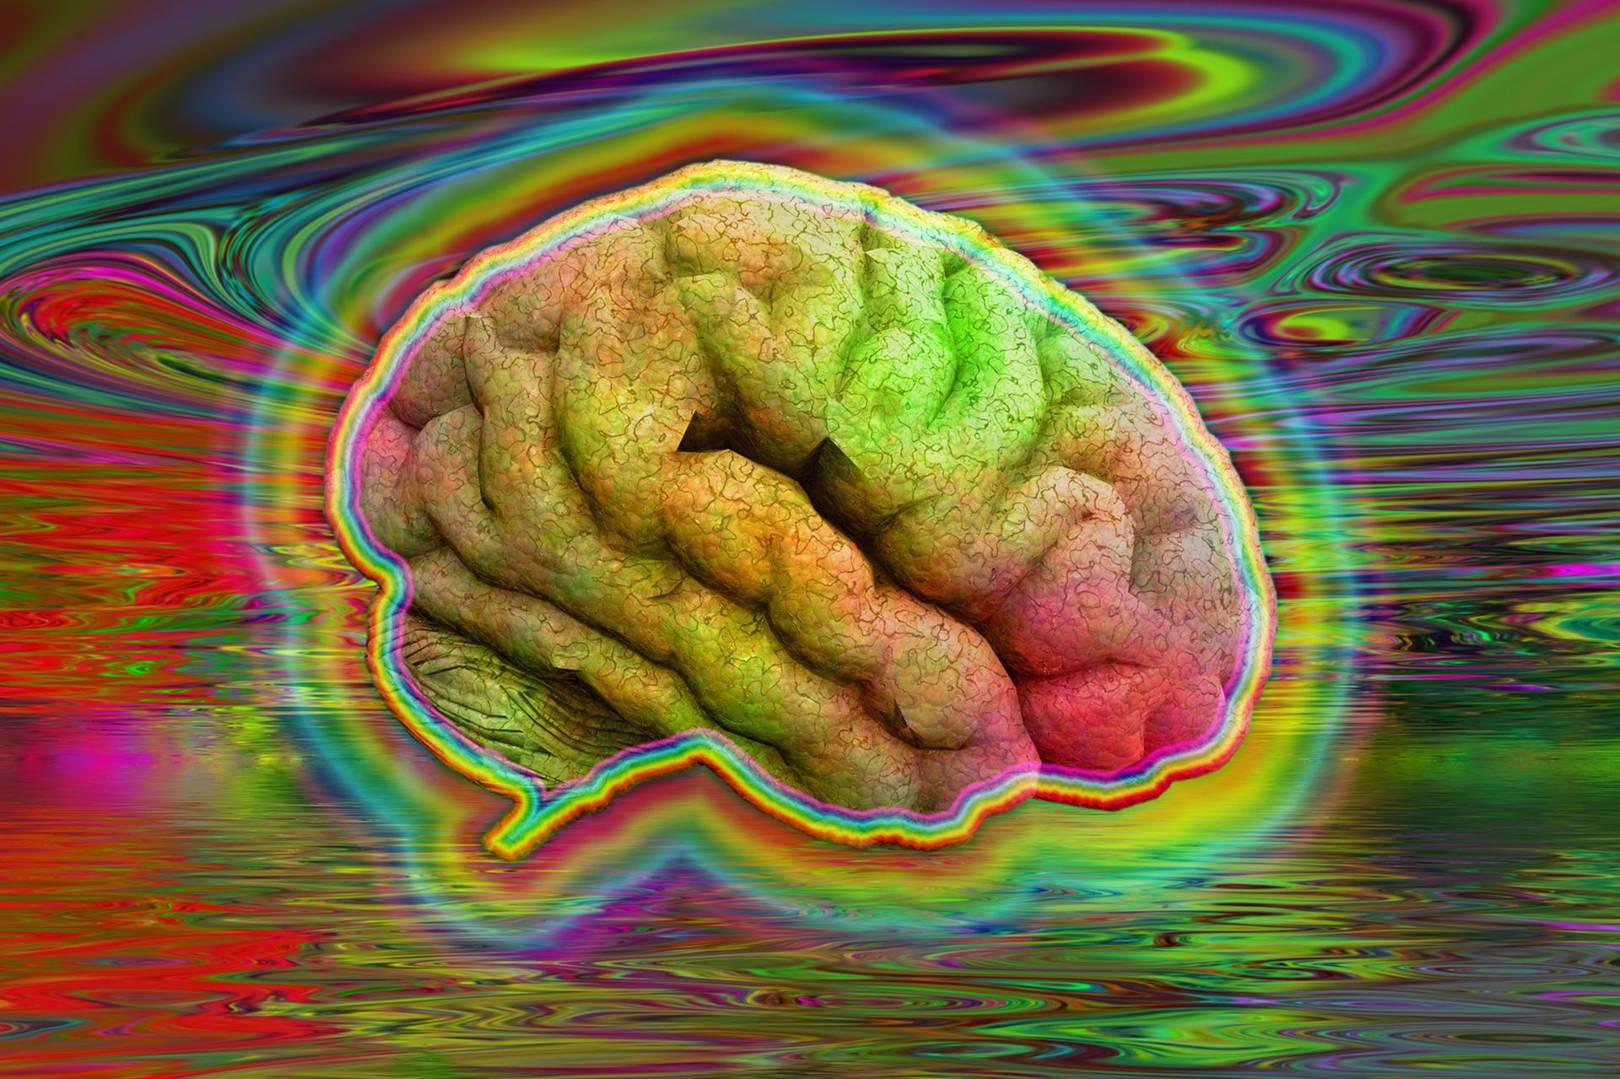 ¿Qué sucede realmente en el cerebro cuando se toman psicodélicos?